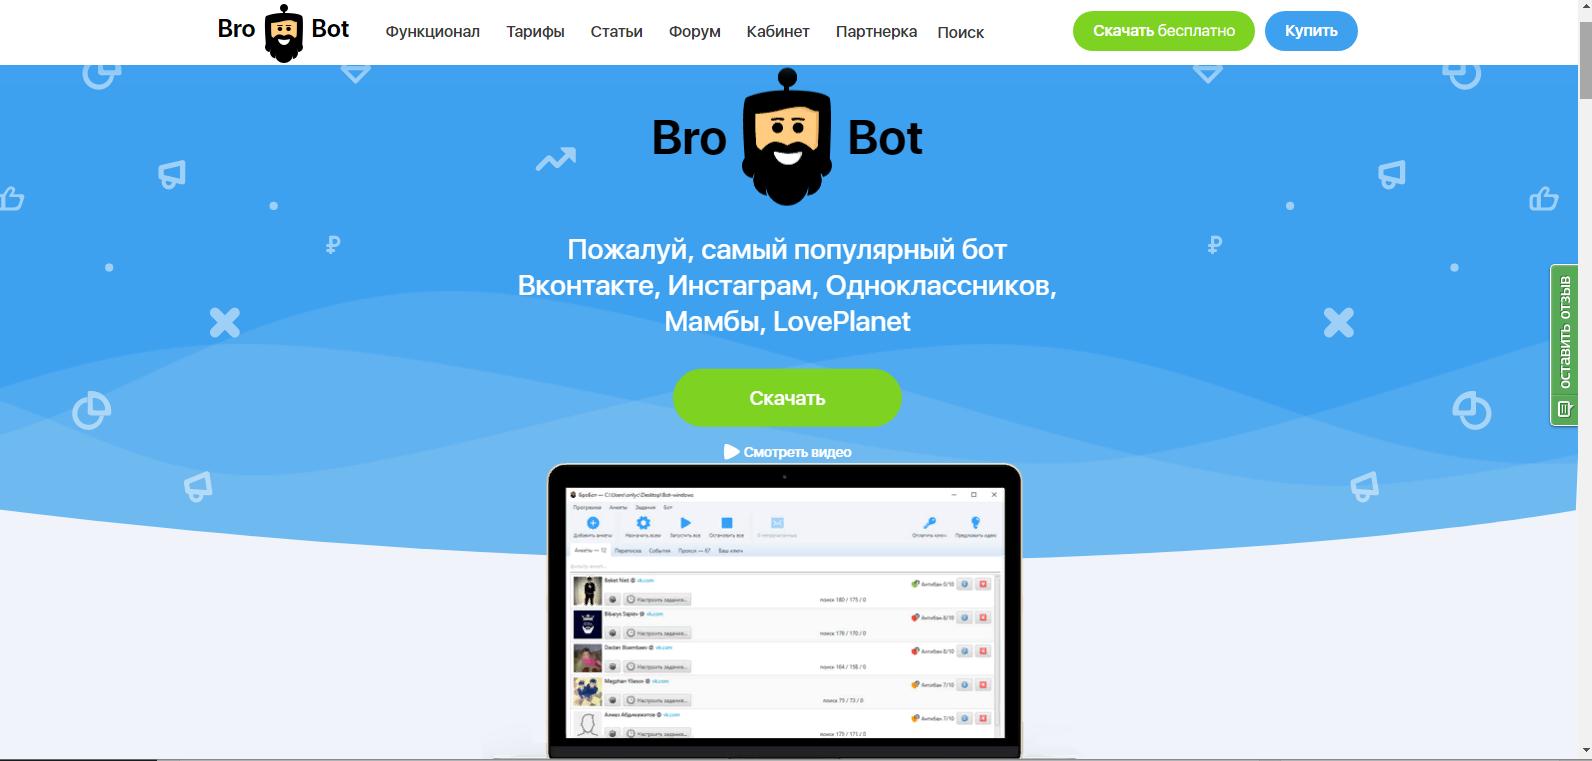 Обзор BroBot